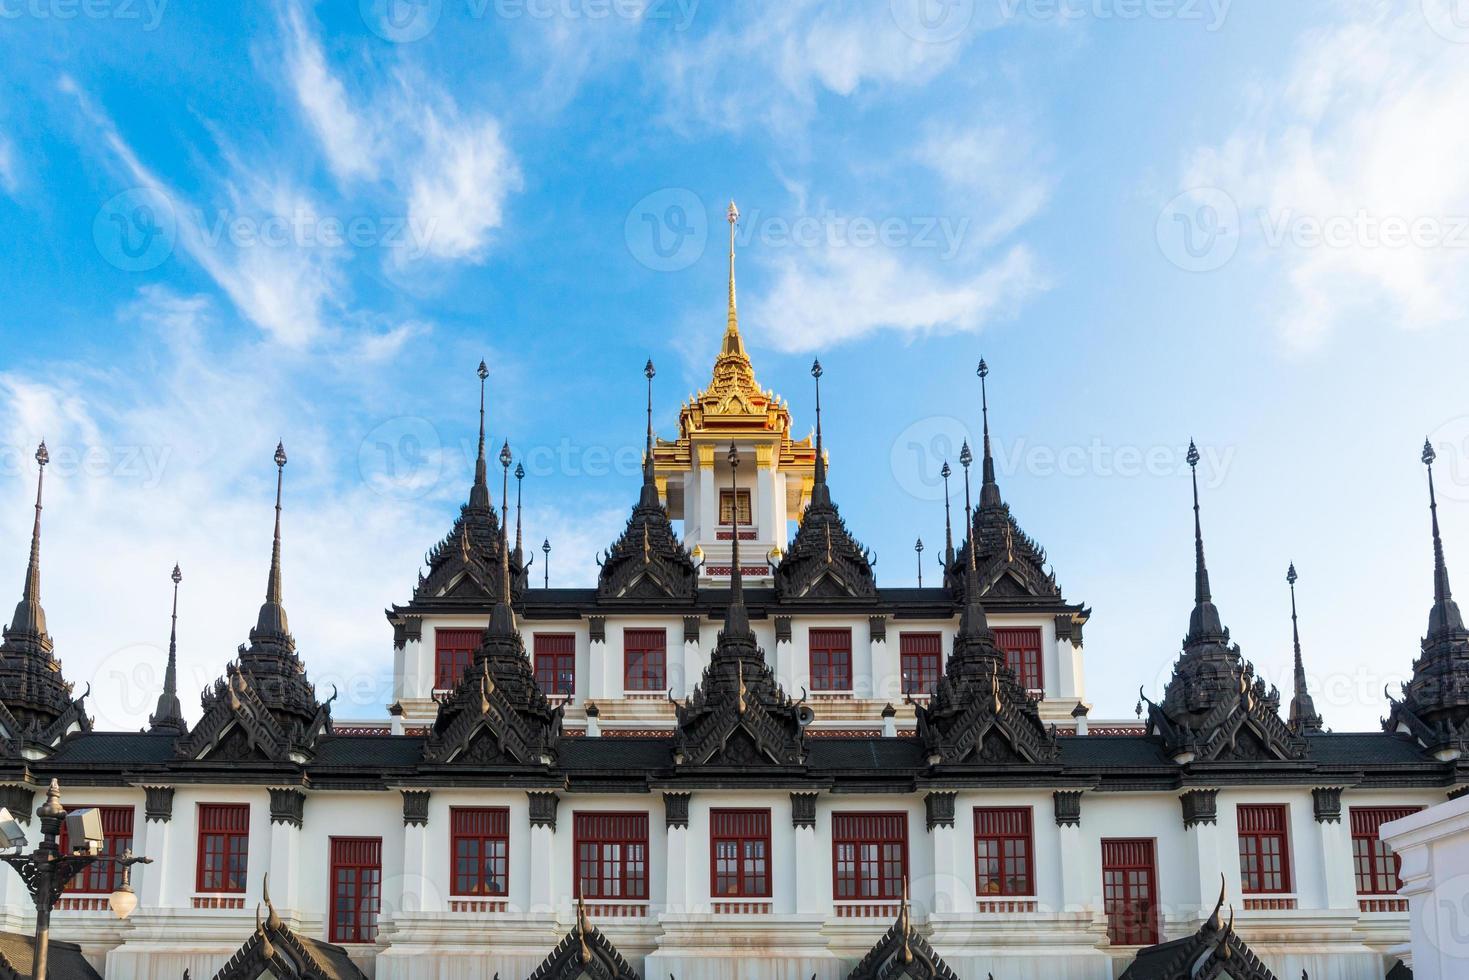 Lohaprasada, tempio di Ratchanuda, Bangkok, Tailandia foto